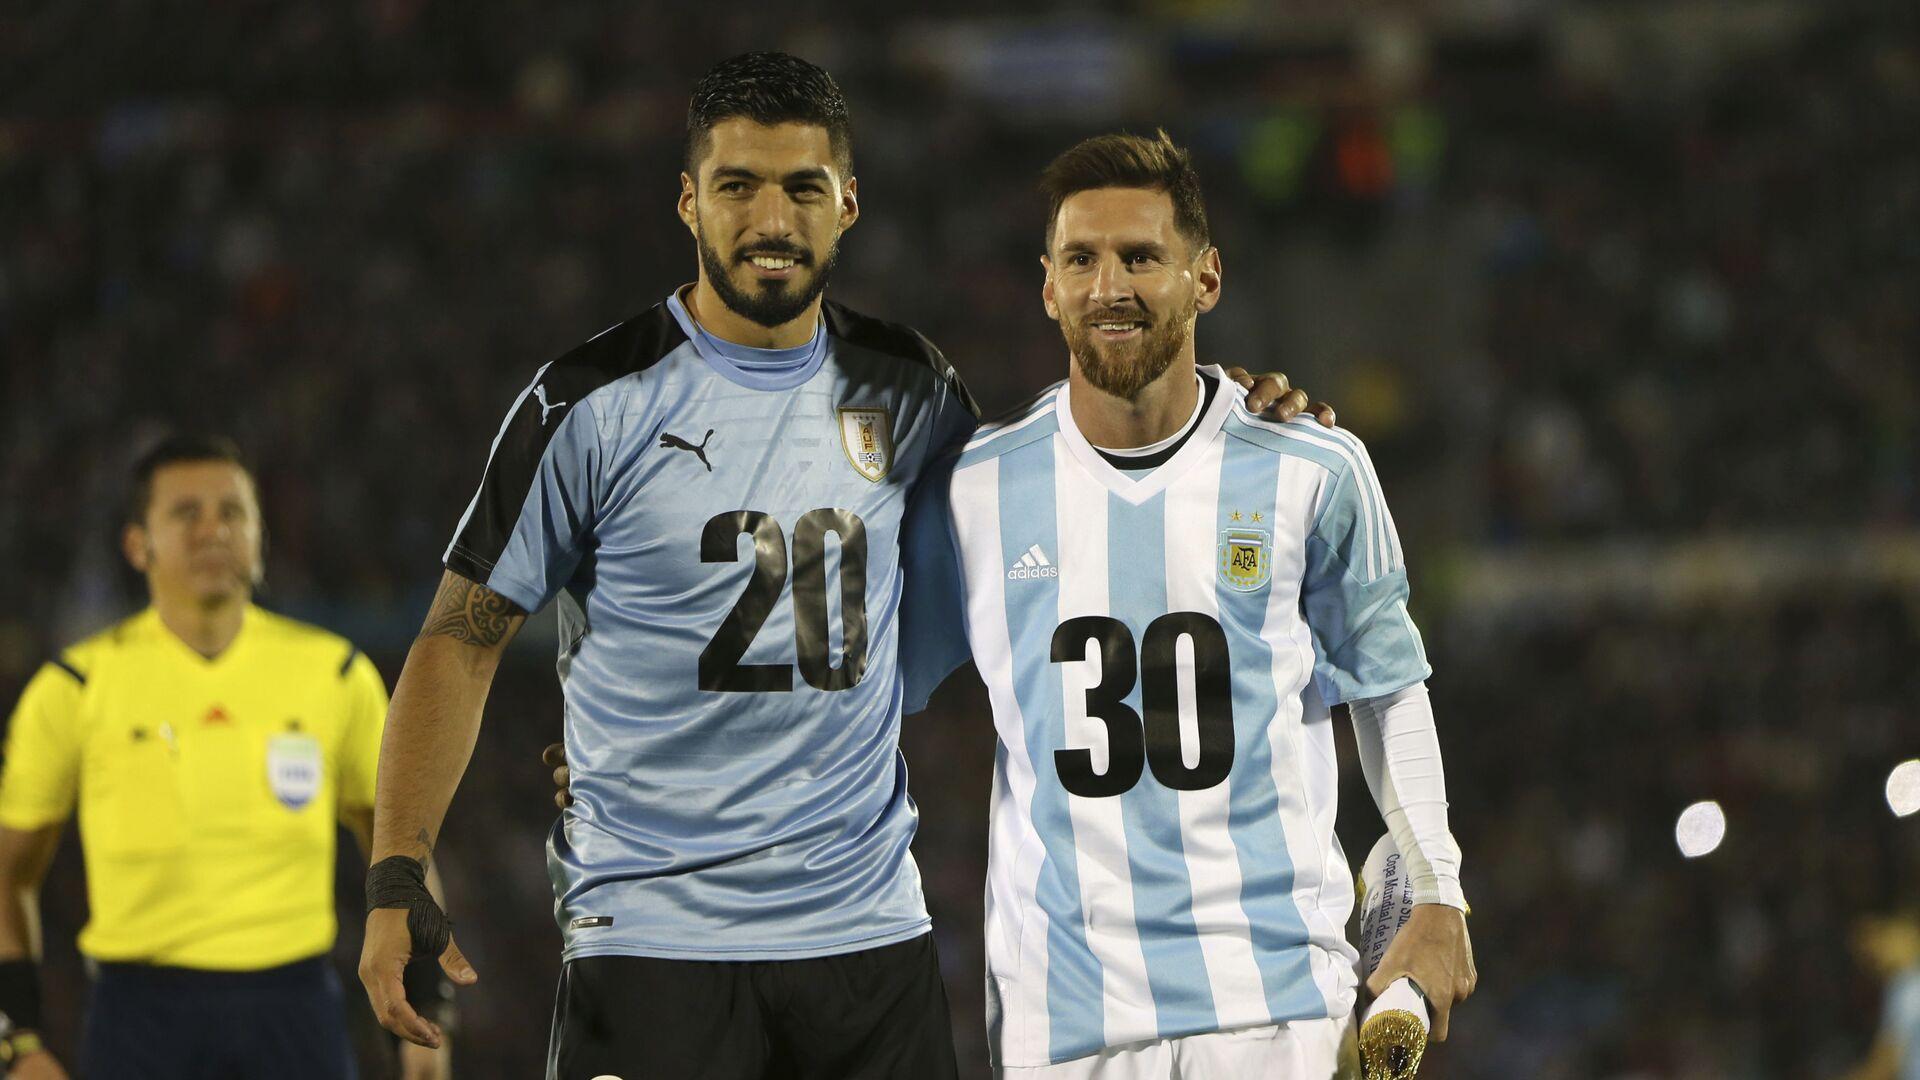 Los futbolistas Luis Suárez, de Uruguay, y Lionel Messi, de Argentina, promocionando la candidatura para el Mundial de 2030 - Sputnik Mundo, 1920, 20.04.2021